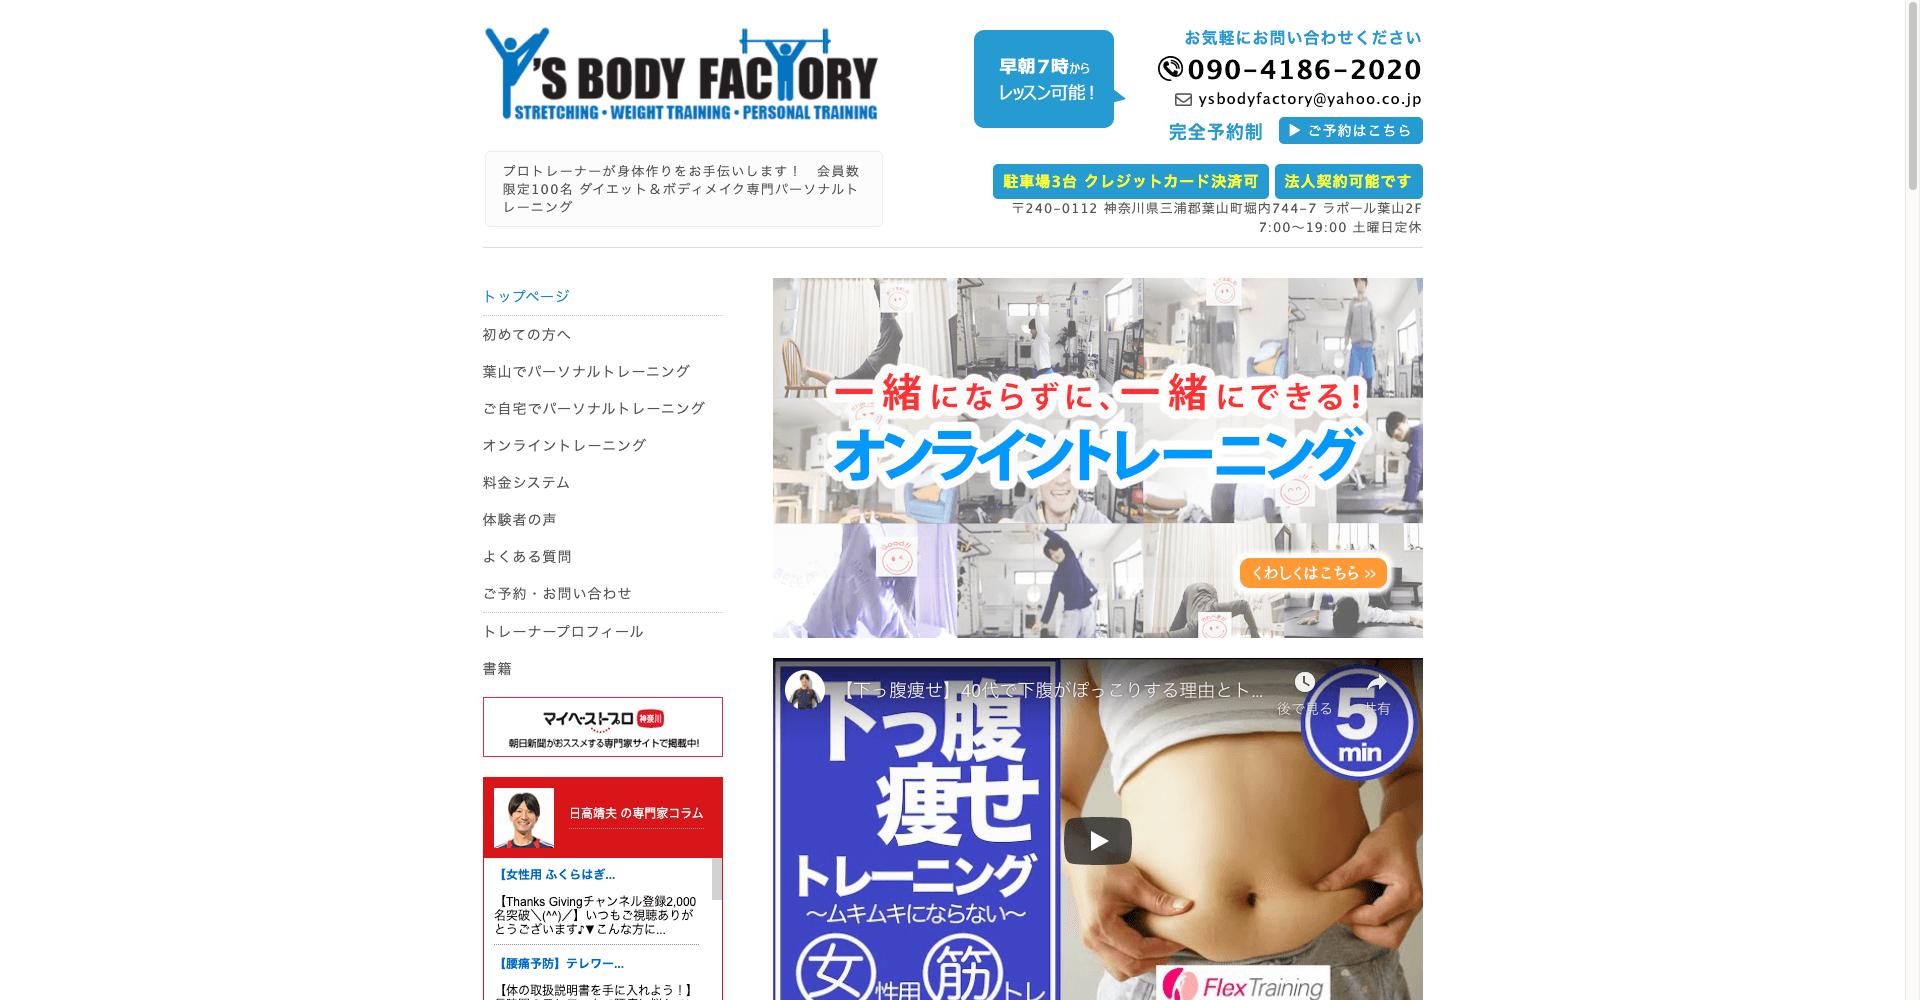 Y'S BODY FACTORY 葉山